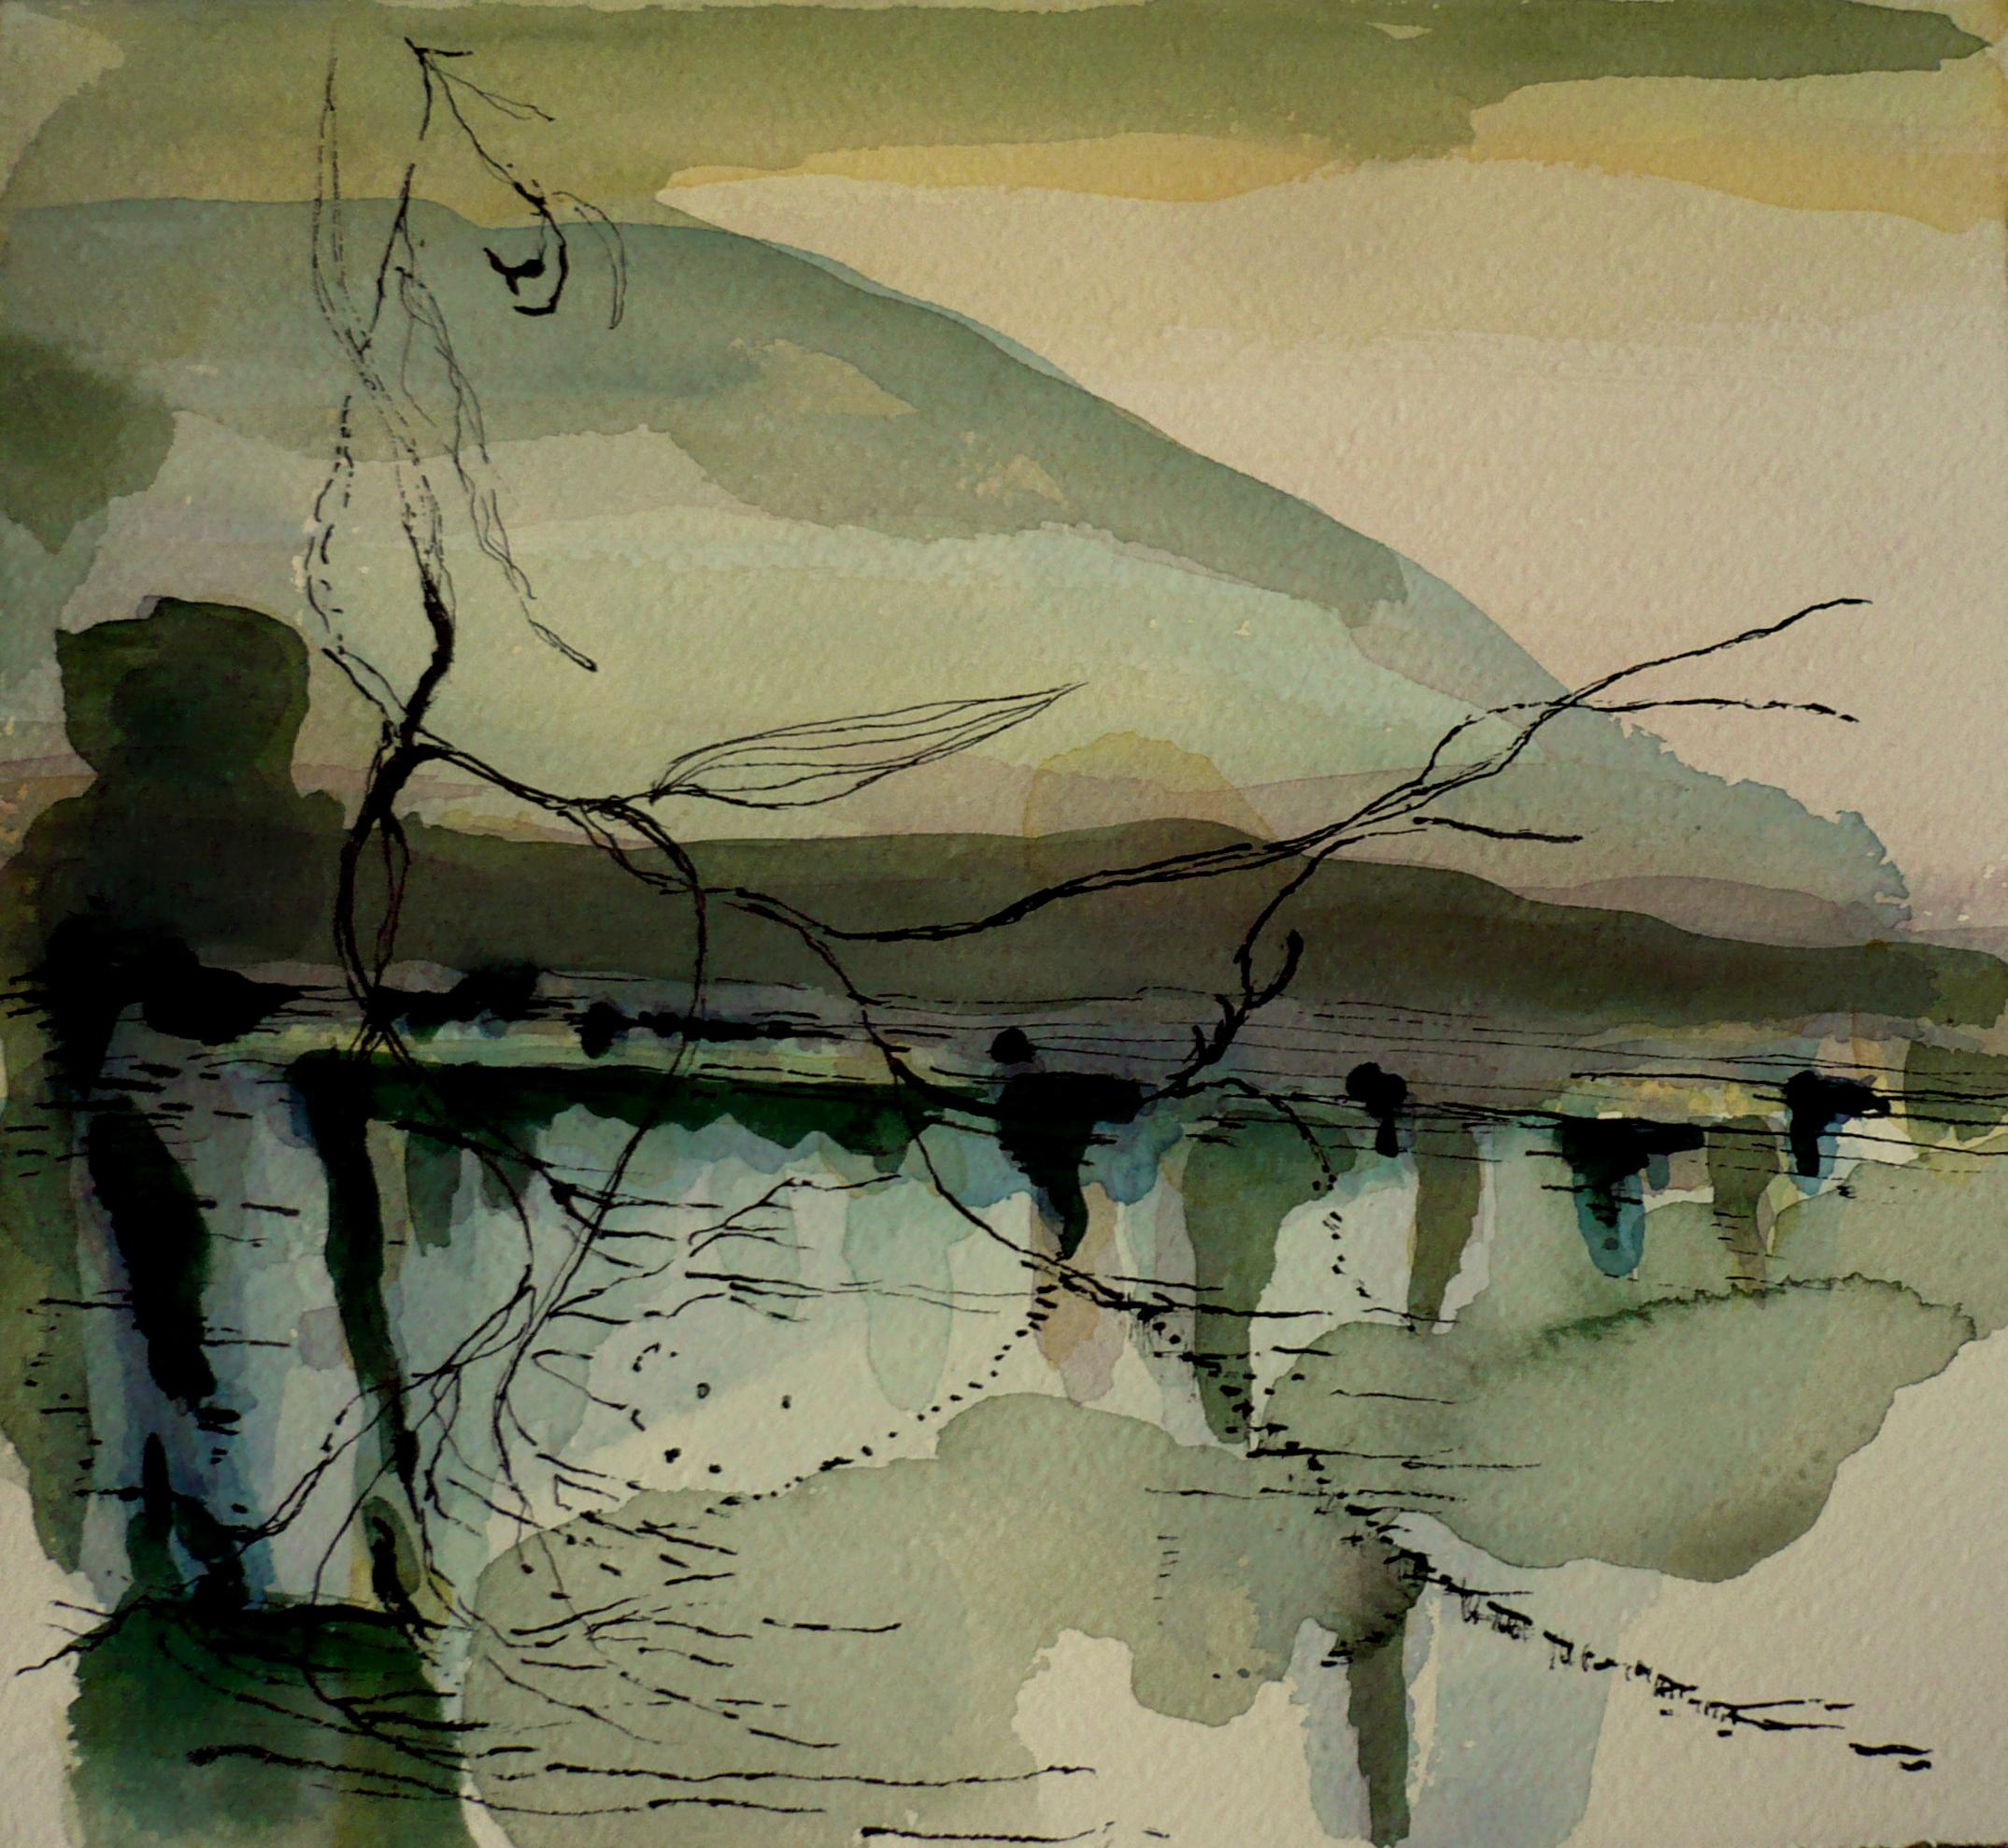 carita-savolainen-landscape-is-singing-le-chant-du-paysage-xvi-watercolor-and-ink-on-arche-paper-25cm-x-25cm-2019